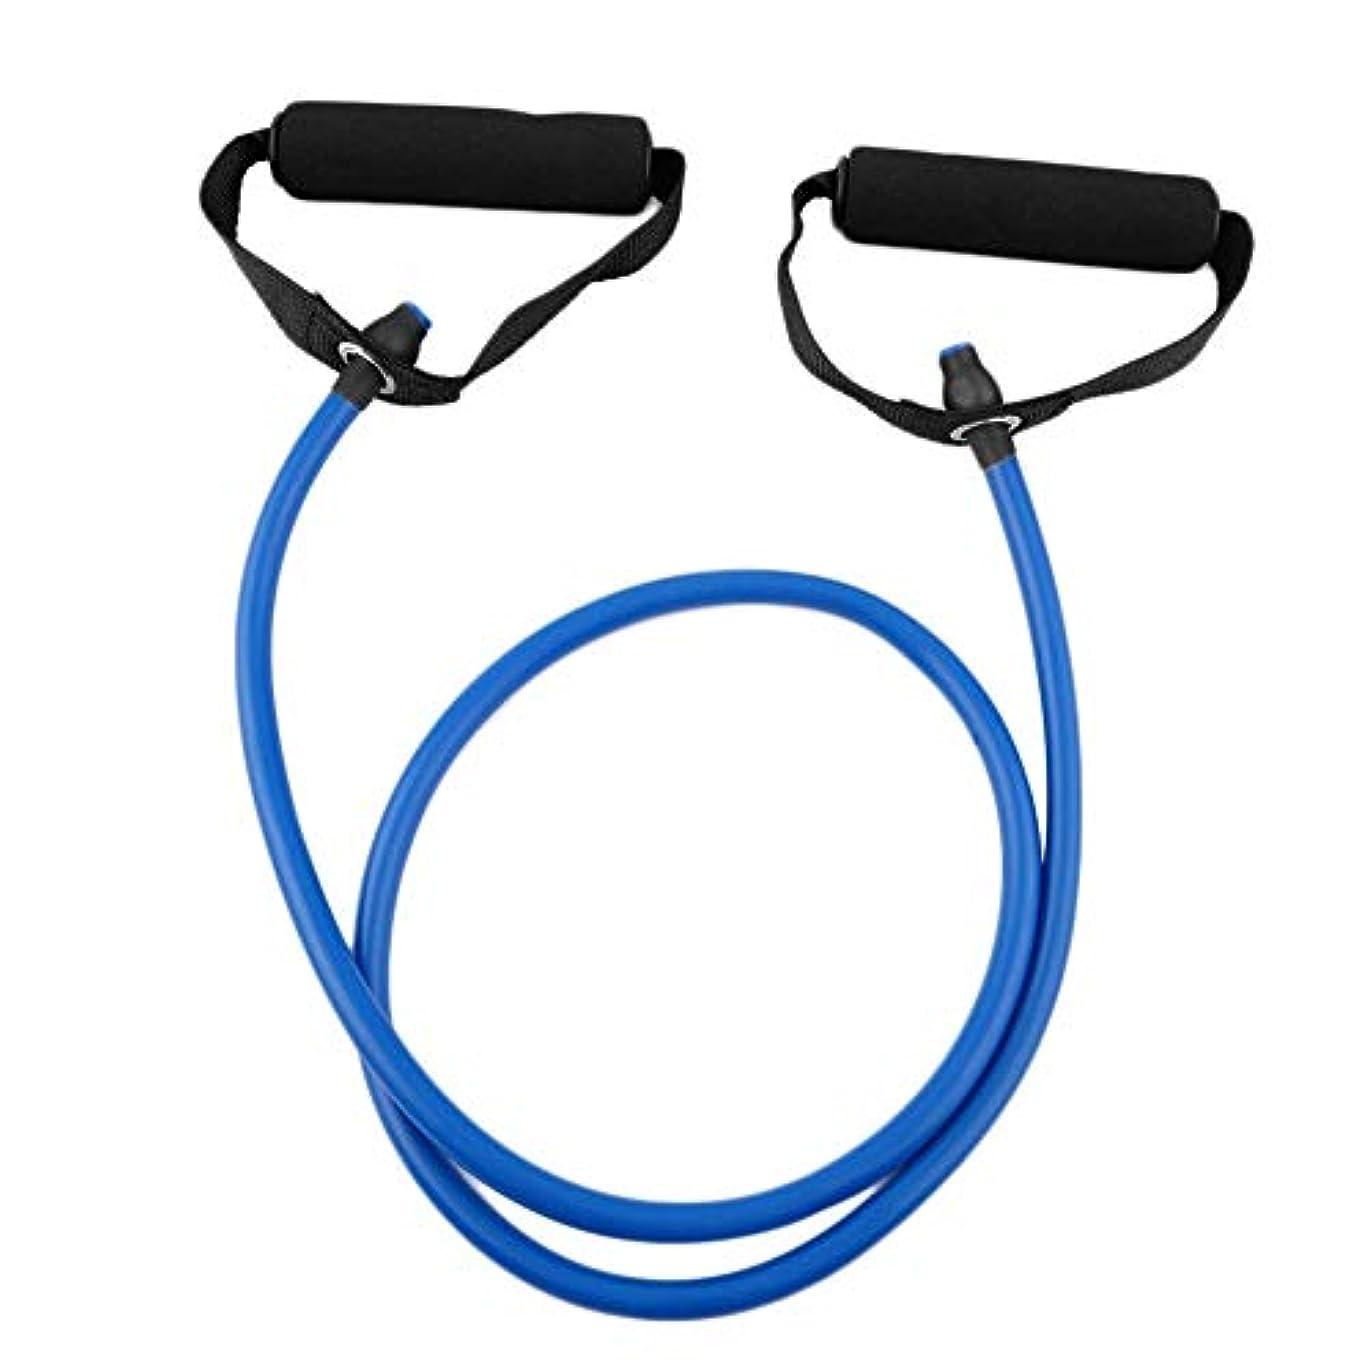 アナロジー到着する権限を与えるフィットネス抵抗バンドロープチューブ弾性運動用ヨガピラティスワークアウトホームスポーツプルロープジムエクササイズツール(Color:blue)